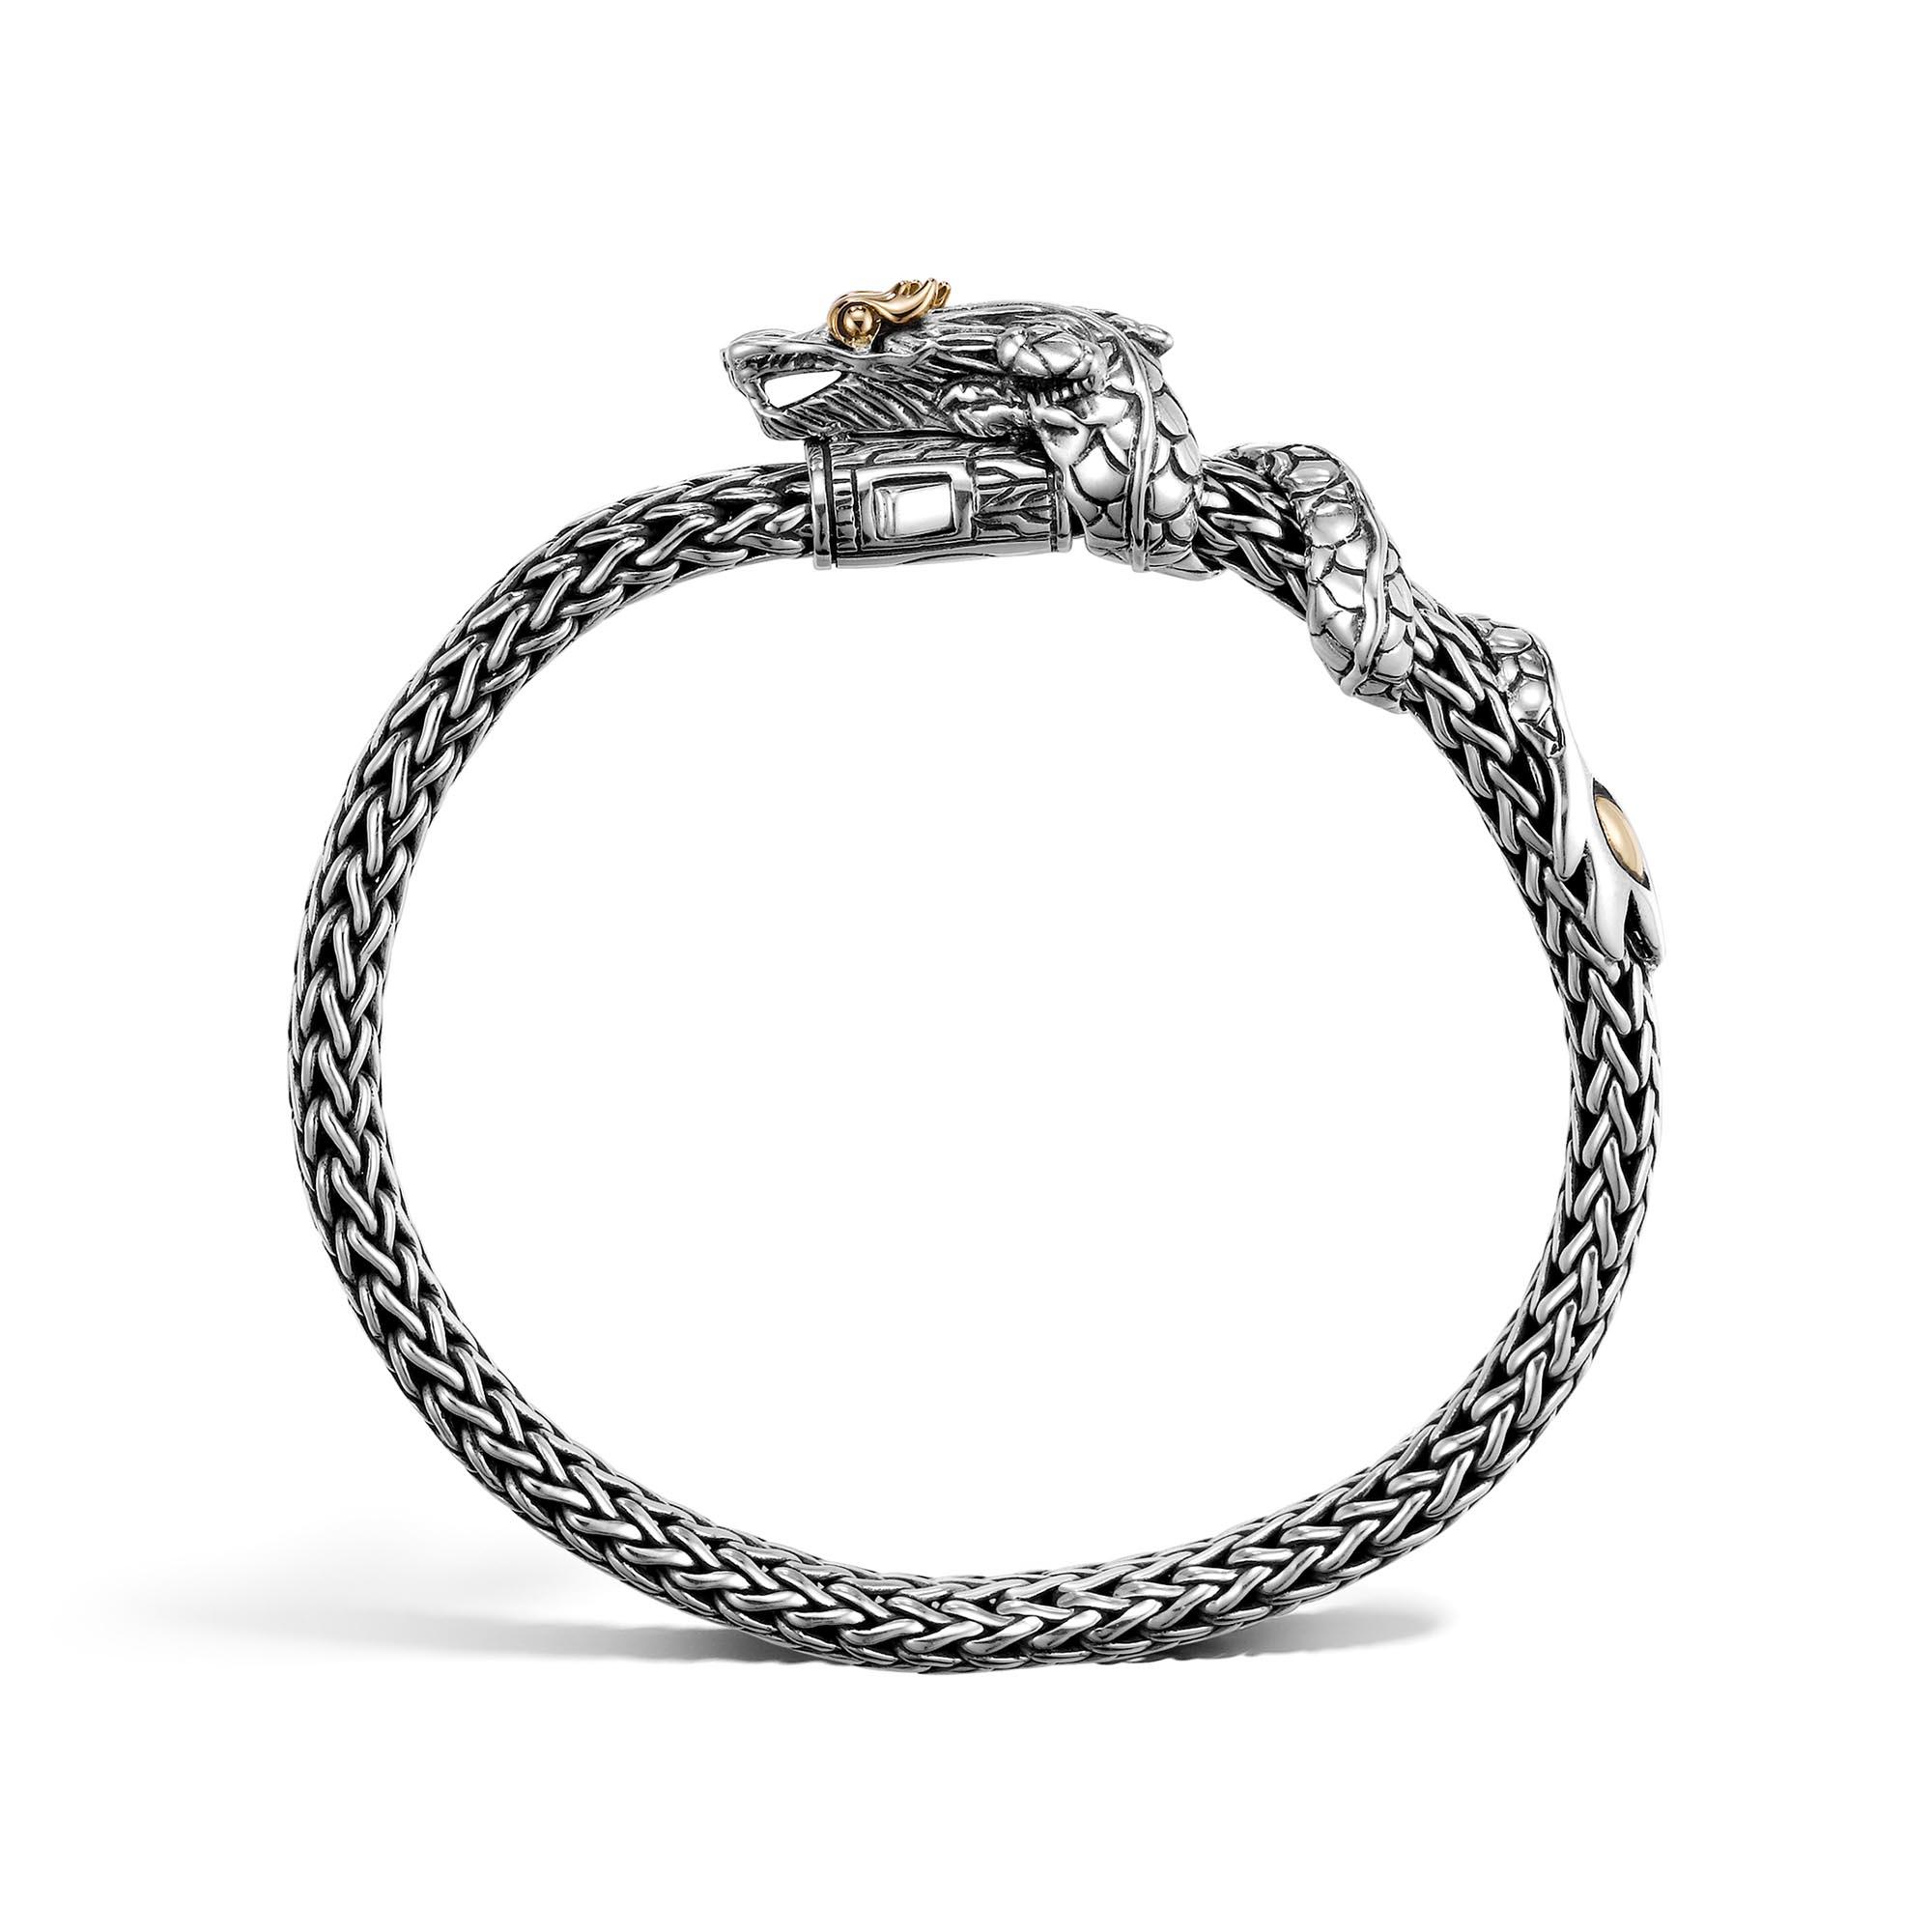 Legends Naga 6.5MM Station Bracelet in Silver and 18K Gold, , large